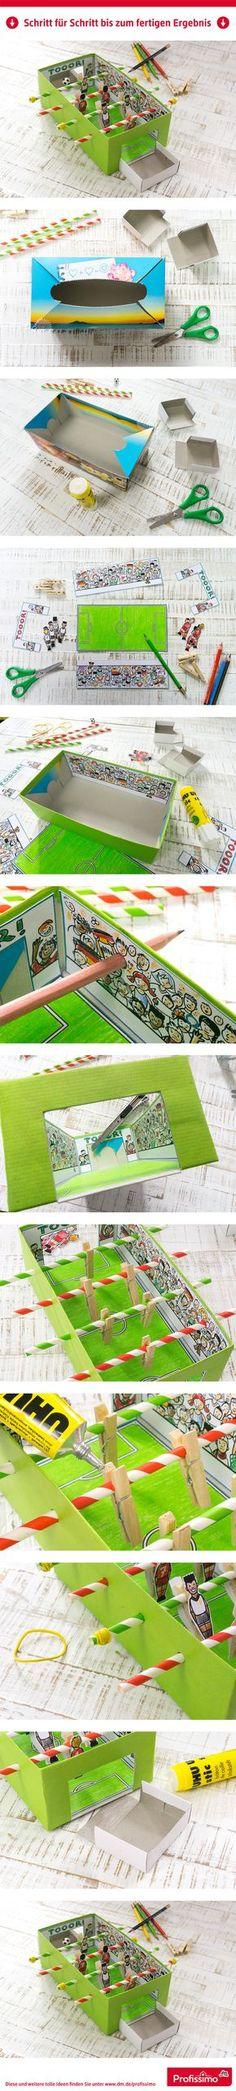 Mini-Tischkicker - Mini-Tischkicker // Kaum zu glauben, eine Taschentücher-Box lässt sich in ein ganzes Fußballstad - Diy For Teens, Diy For Kids, Crafts For Kids, Table Football, Finding A Hobby, Clothes Pegs, Blog Love, Diy Box, New Hobbies